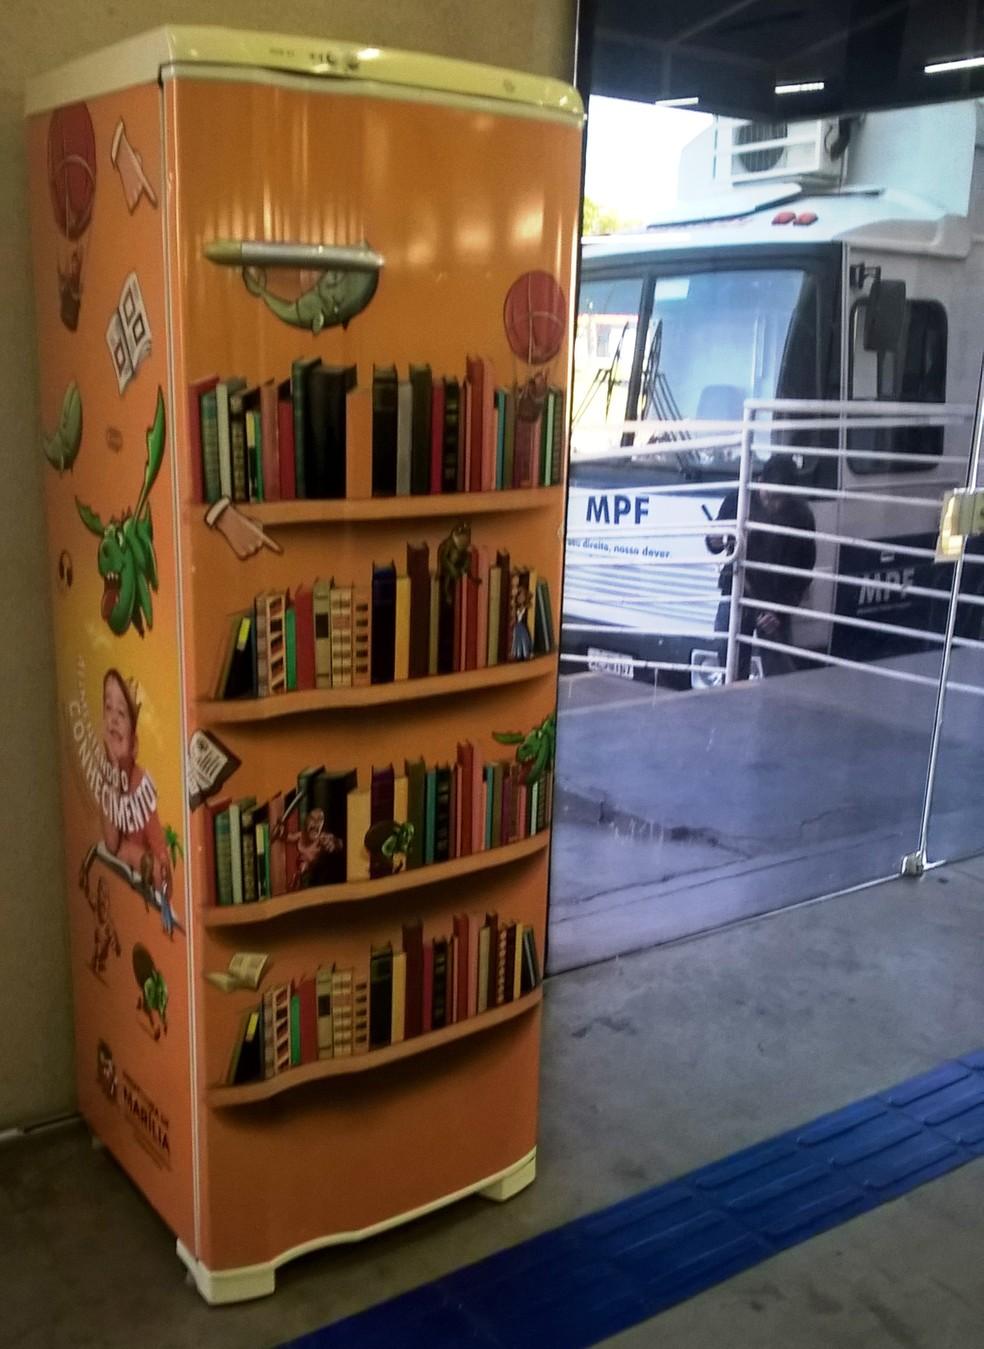 População pode utilizar os livros enquanto aguarda atendimento — Foto: Prefeitura de Marília/Divulgação